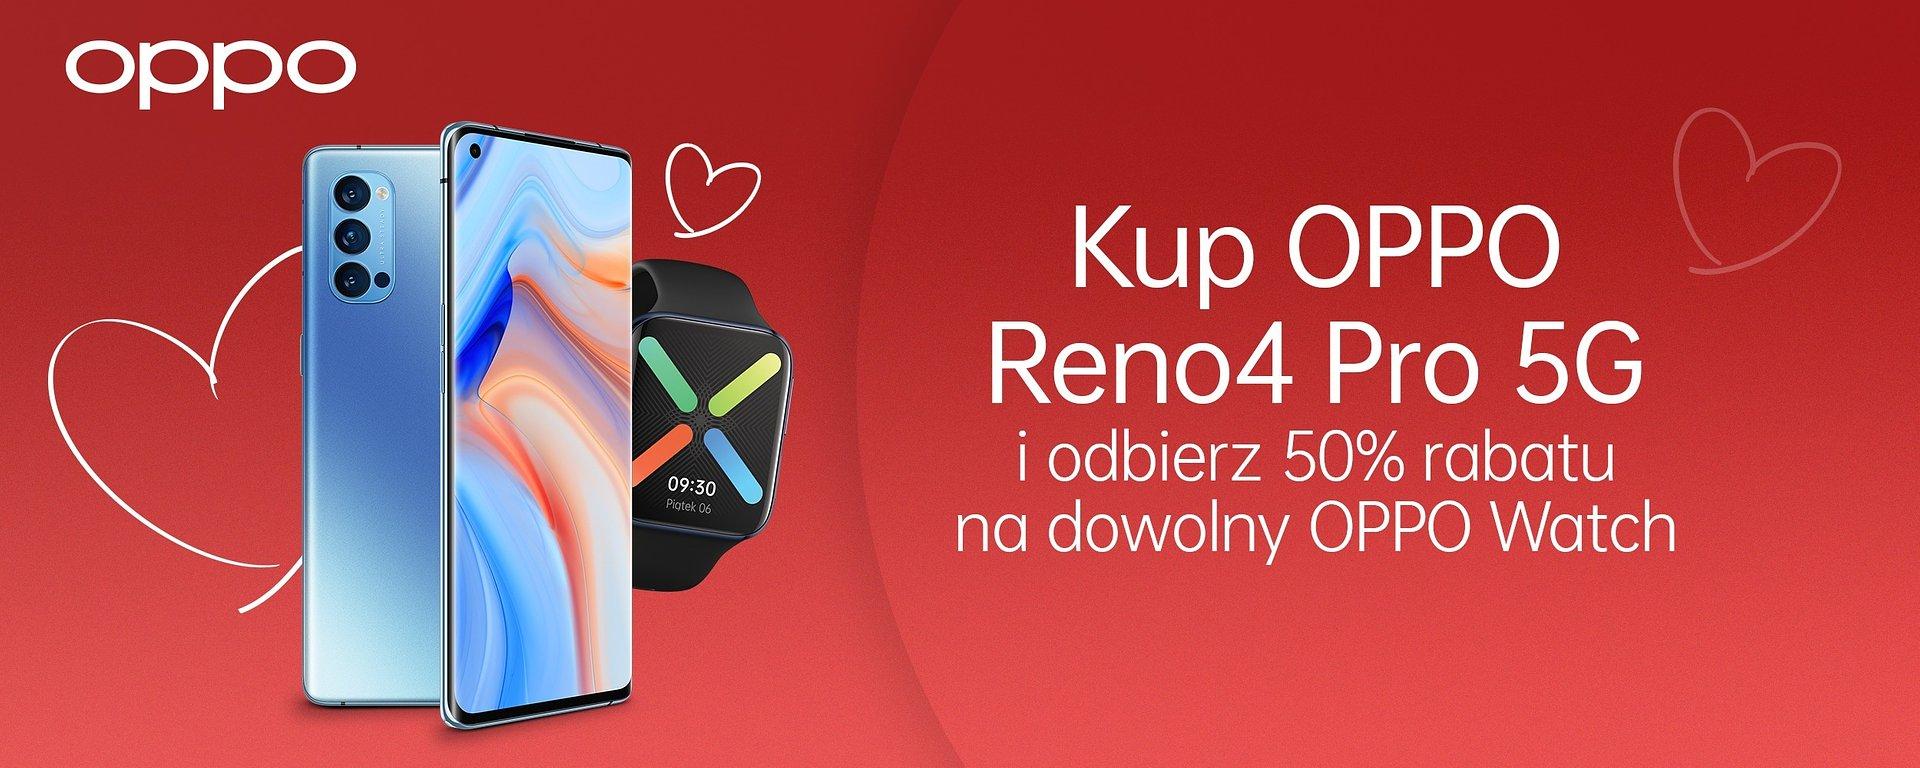 Kolejne promocje OPPO w lutym rabaty na smartfony smartwatche za pół ceny i gadżety w prezencie